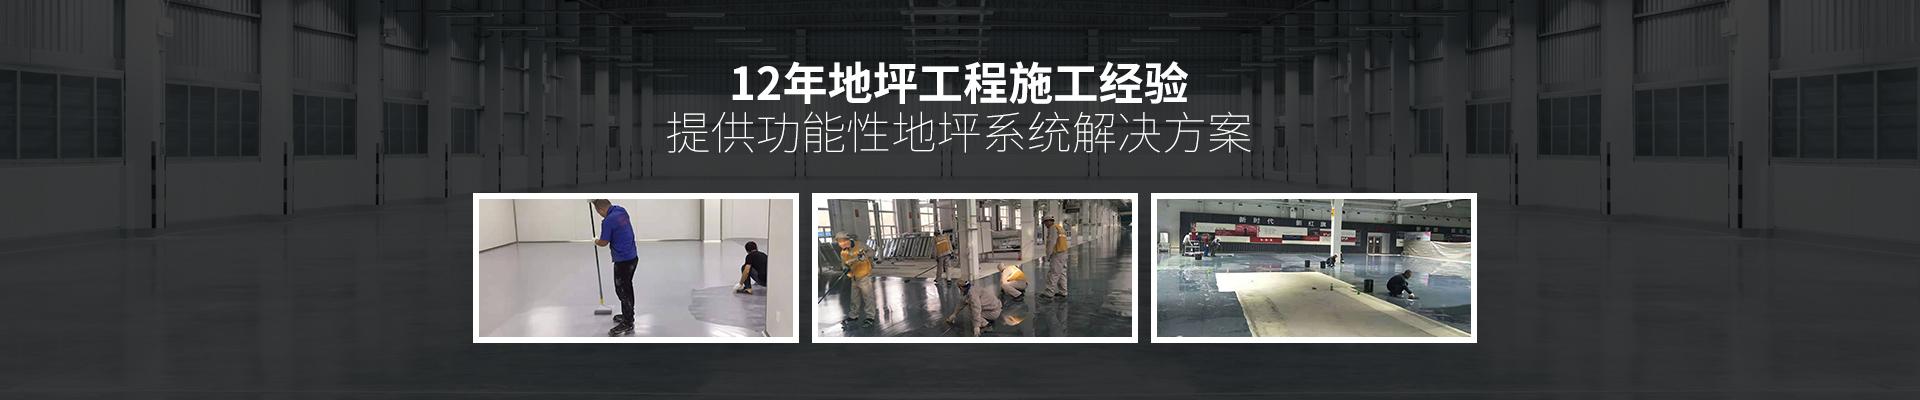 美西卡-12年地坪工程施工经验,提供功能性地坪系统解决方案